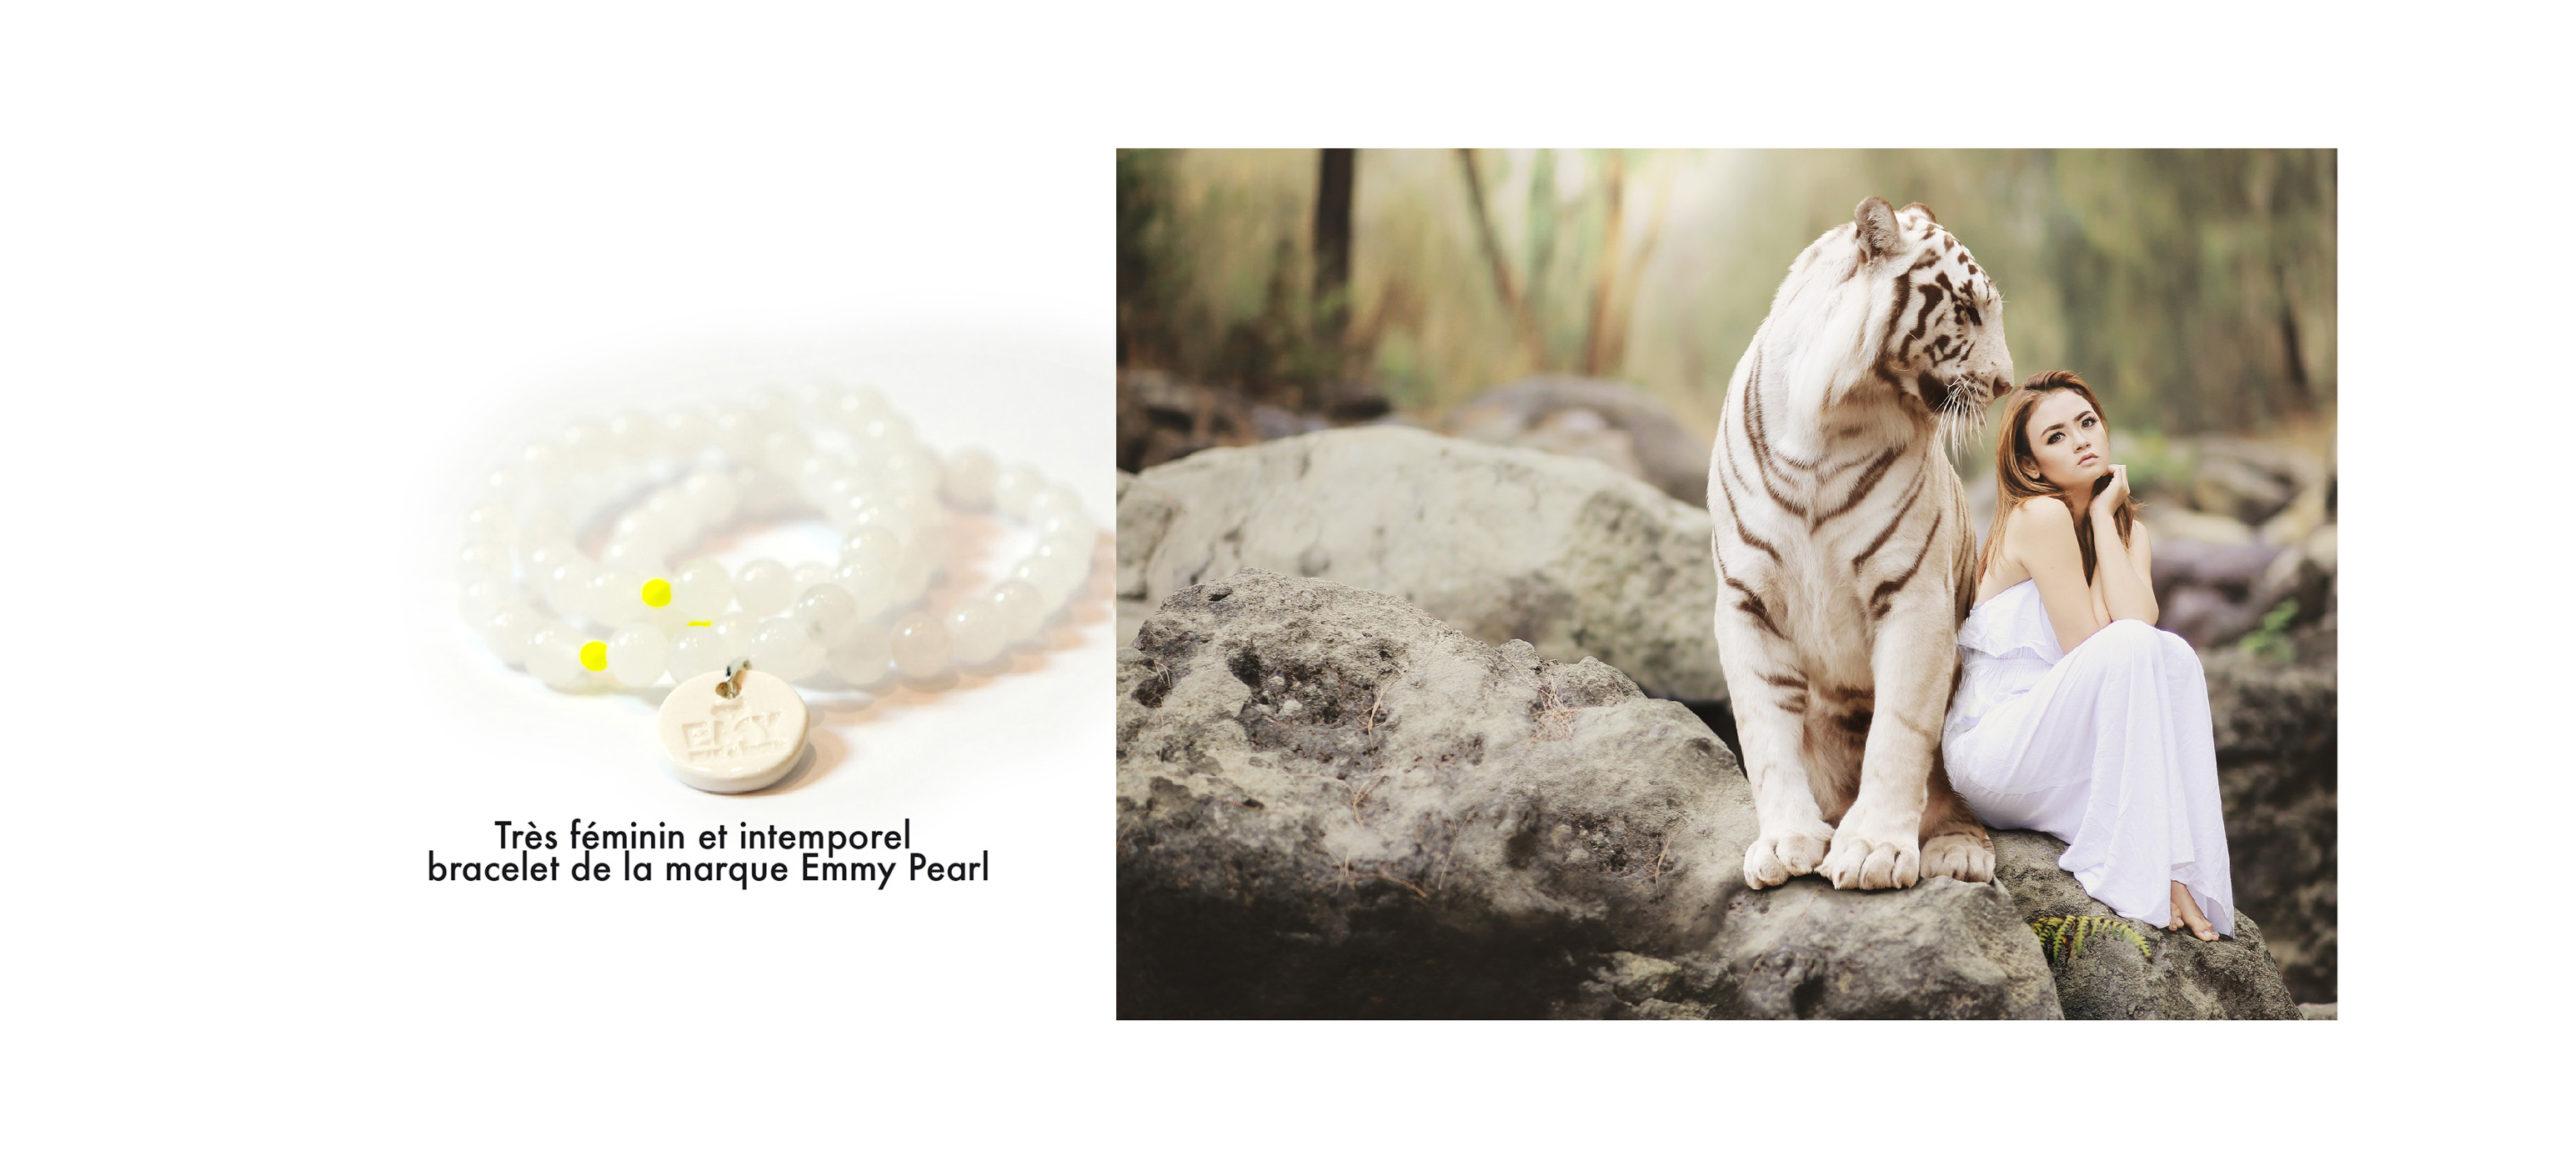 bracelet perle blanche agate et pampille, lion blanc et femme